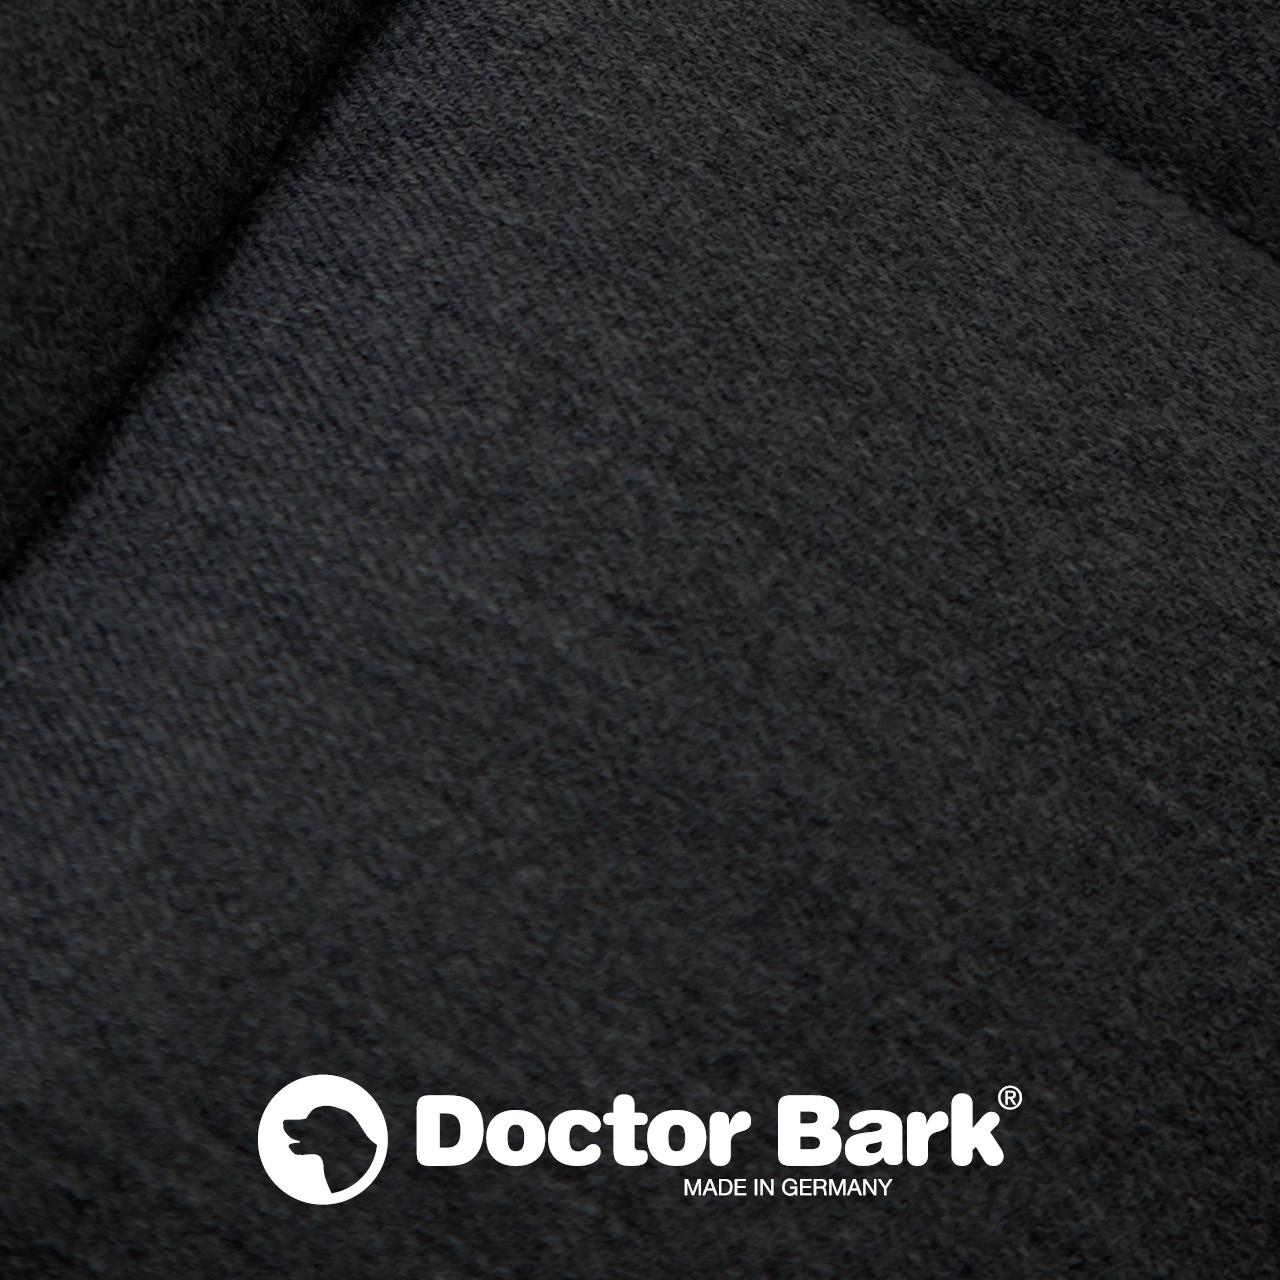 gepolsterte Einlegedecke für Doctor Bark Hundebett - schwarz